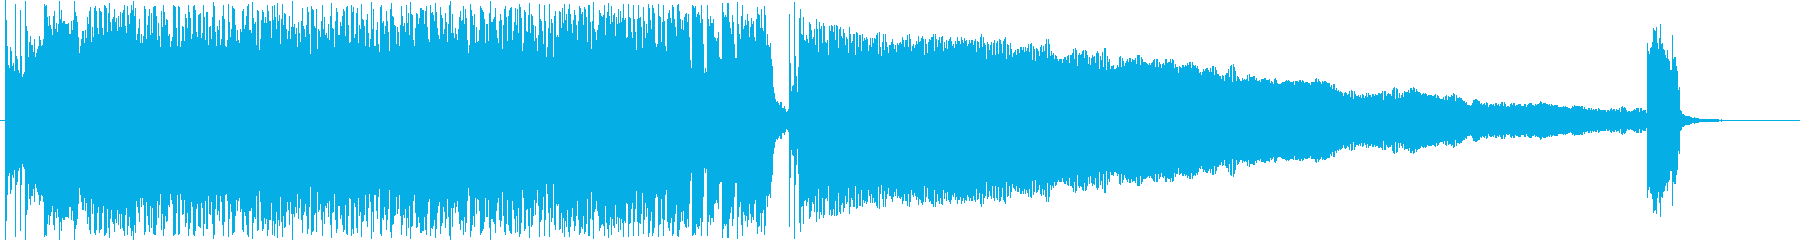 スピード感のあるギターロック短めジングルの再生済みの波形